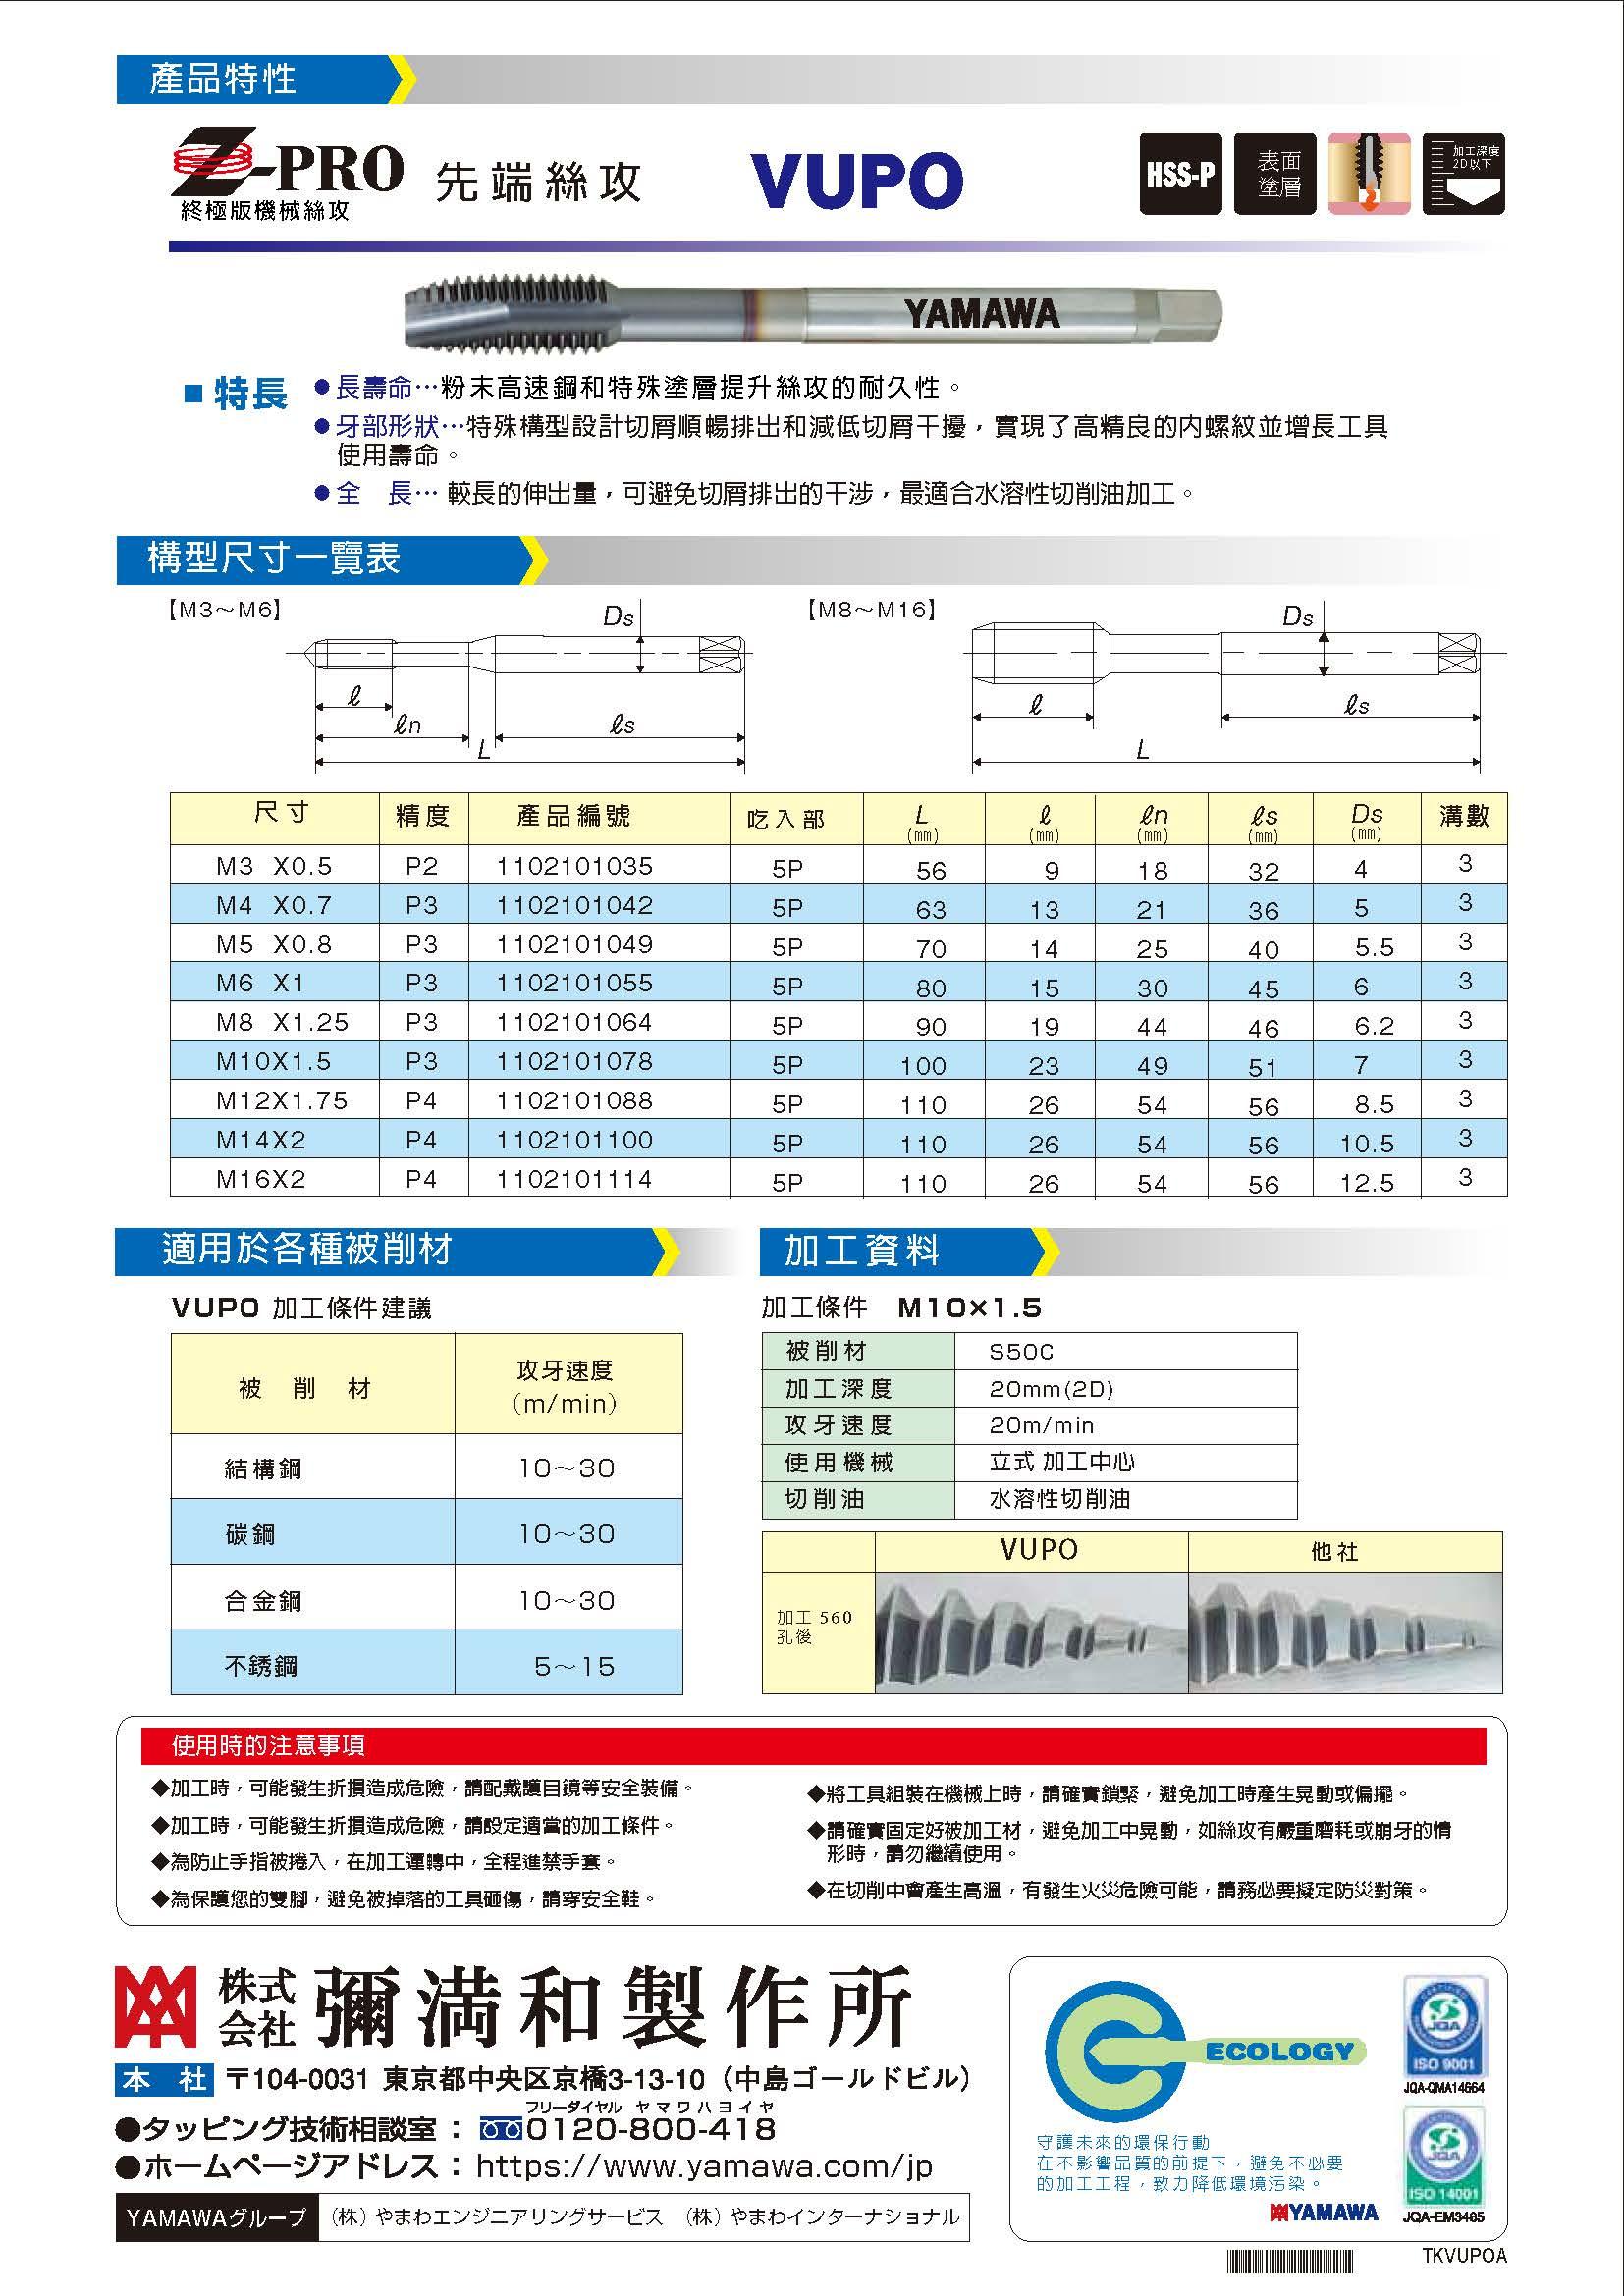 页面提取自--中VUPO-A4-2